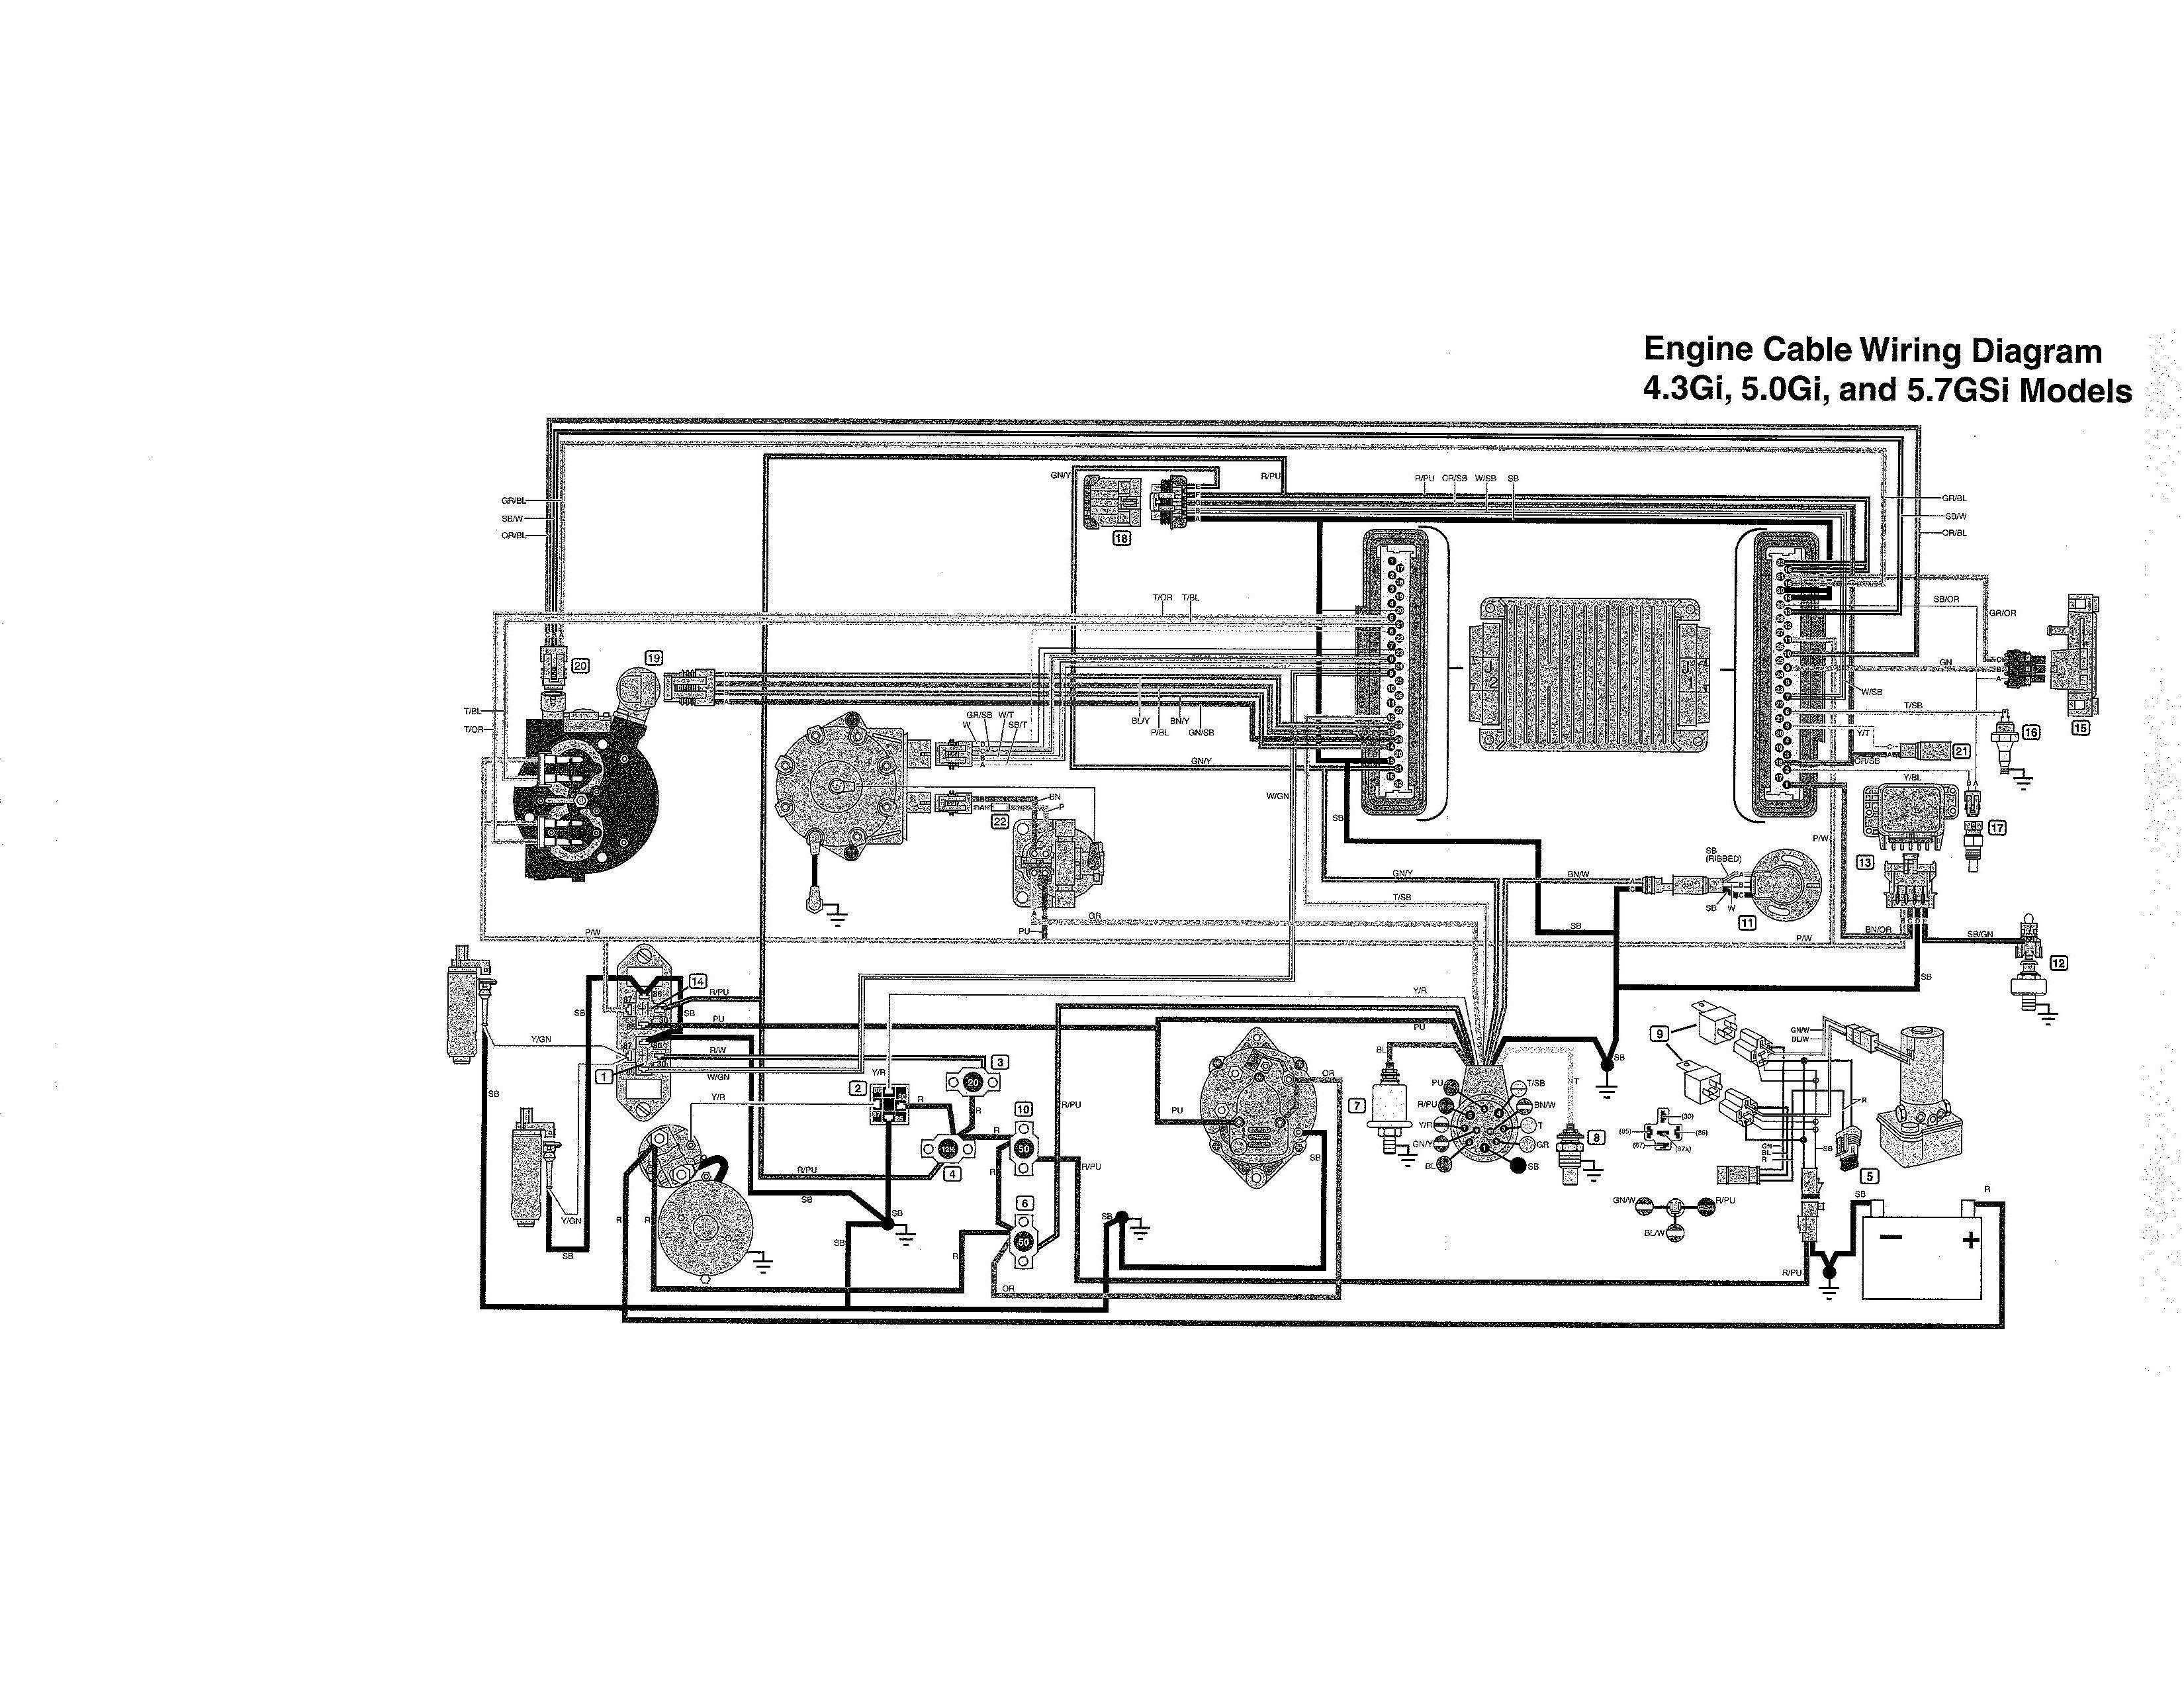 volvo penta fuel pump wiring diagram 4 3